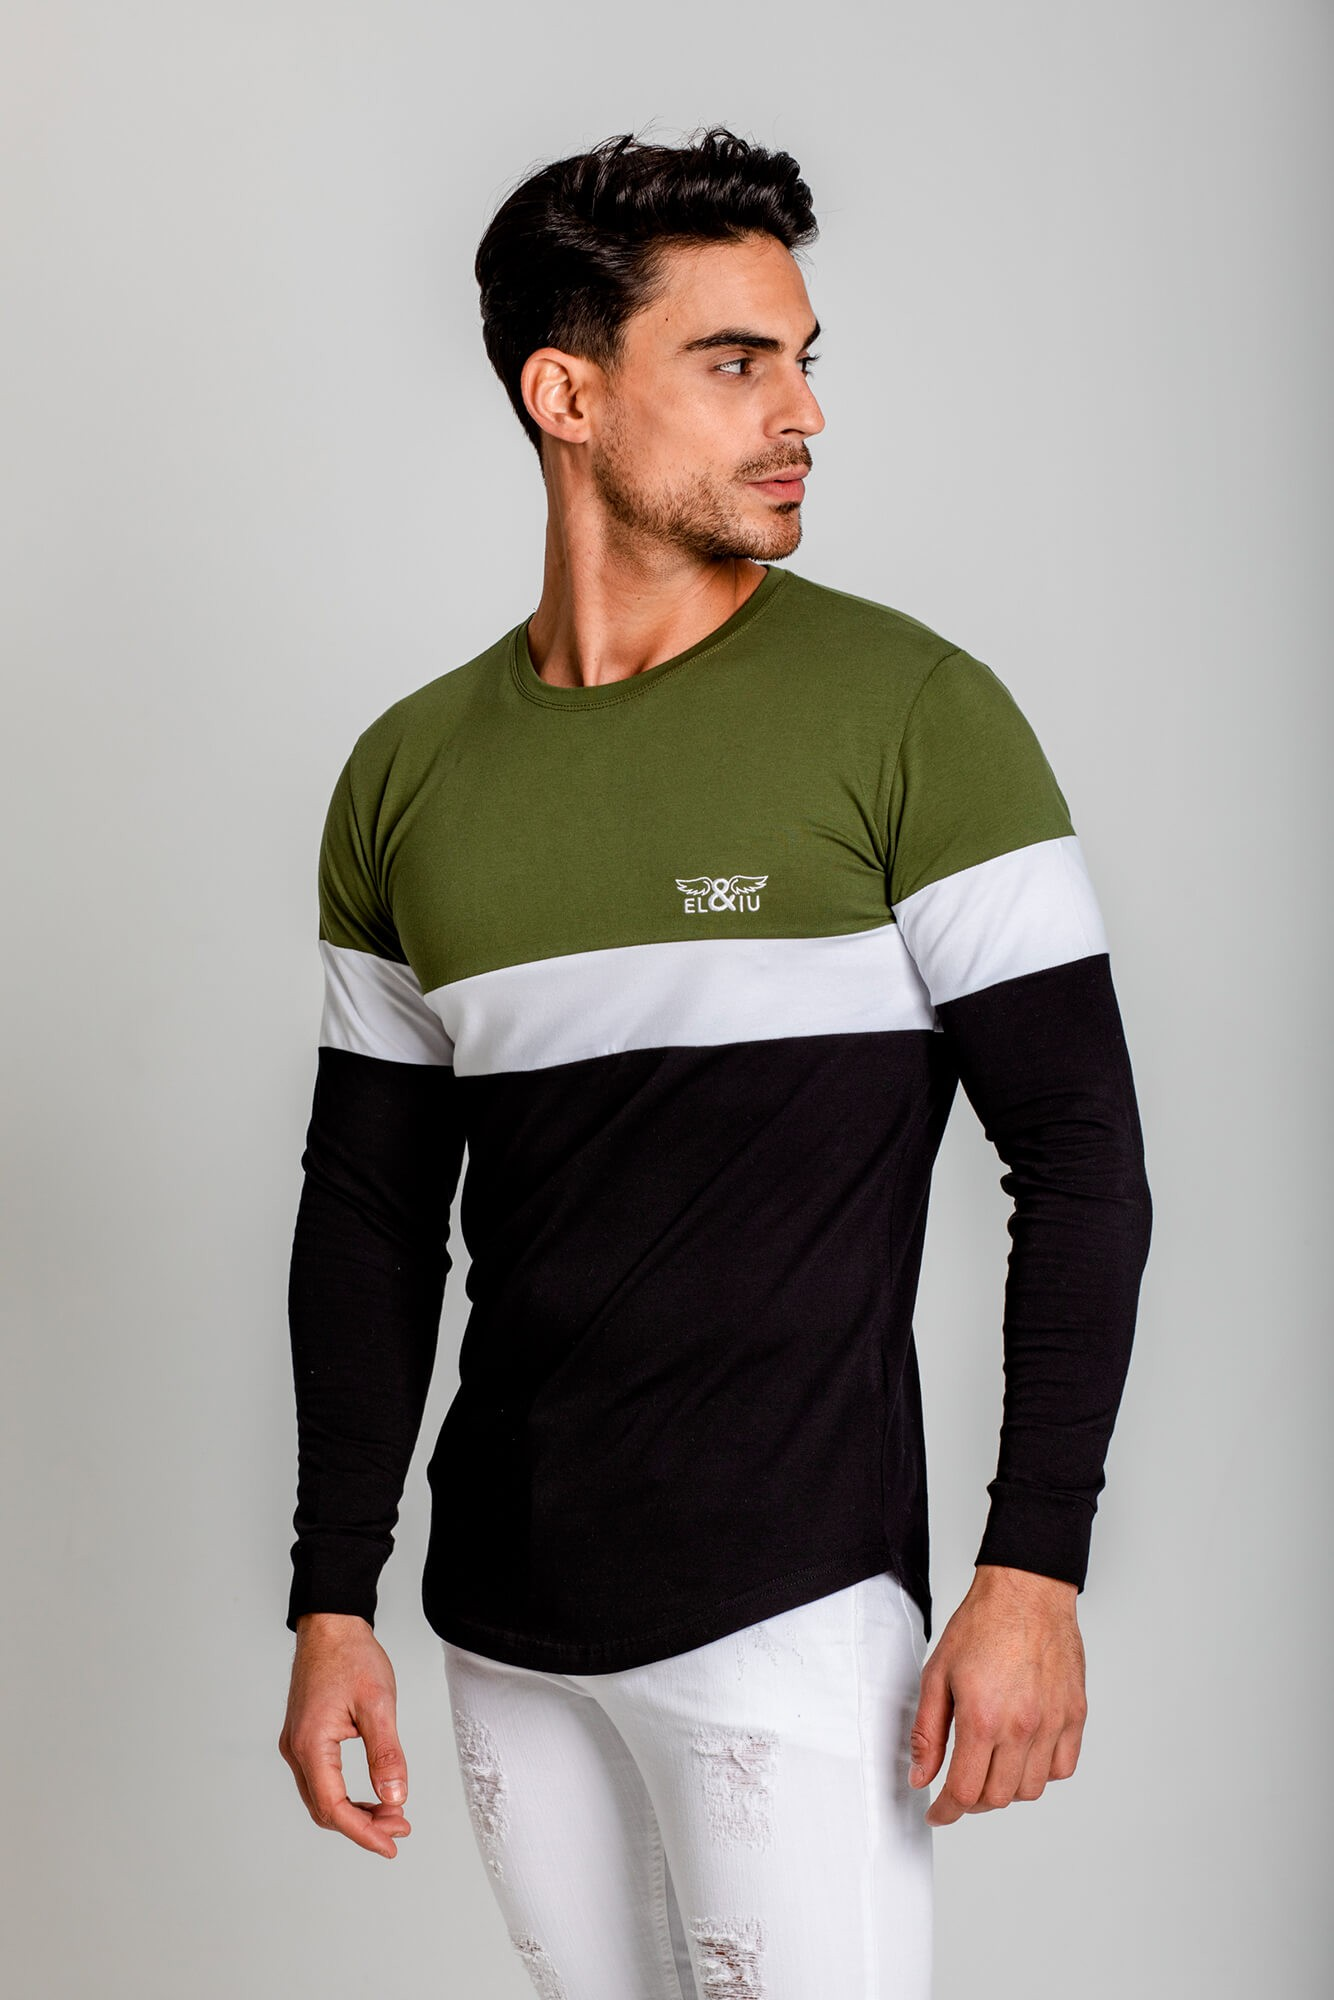 Camiseta manga larga Tricolor, cuello redondo. Estilo urbano de la marca ELIU streetwear.